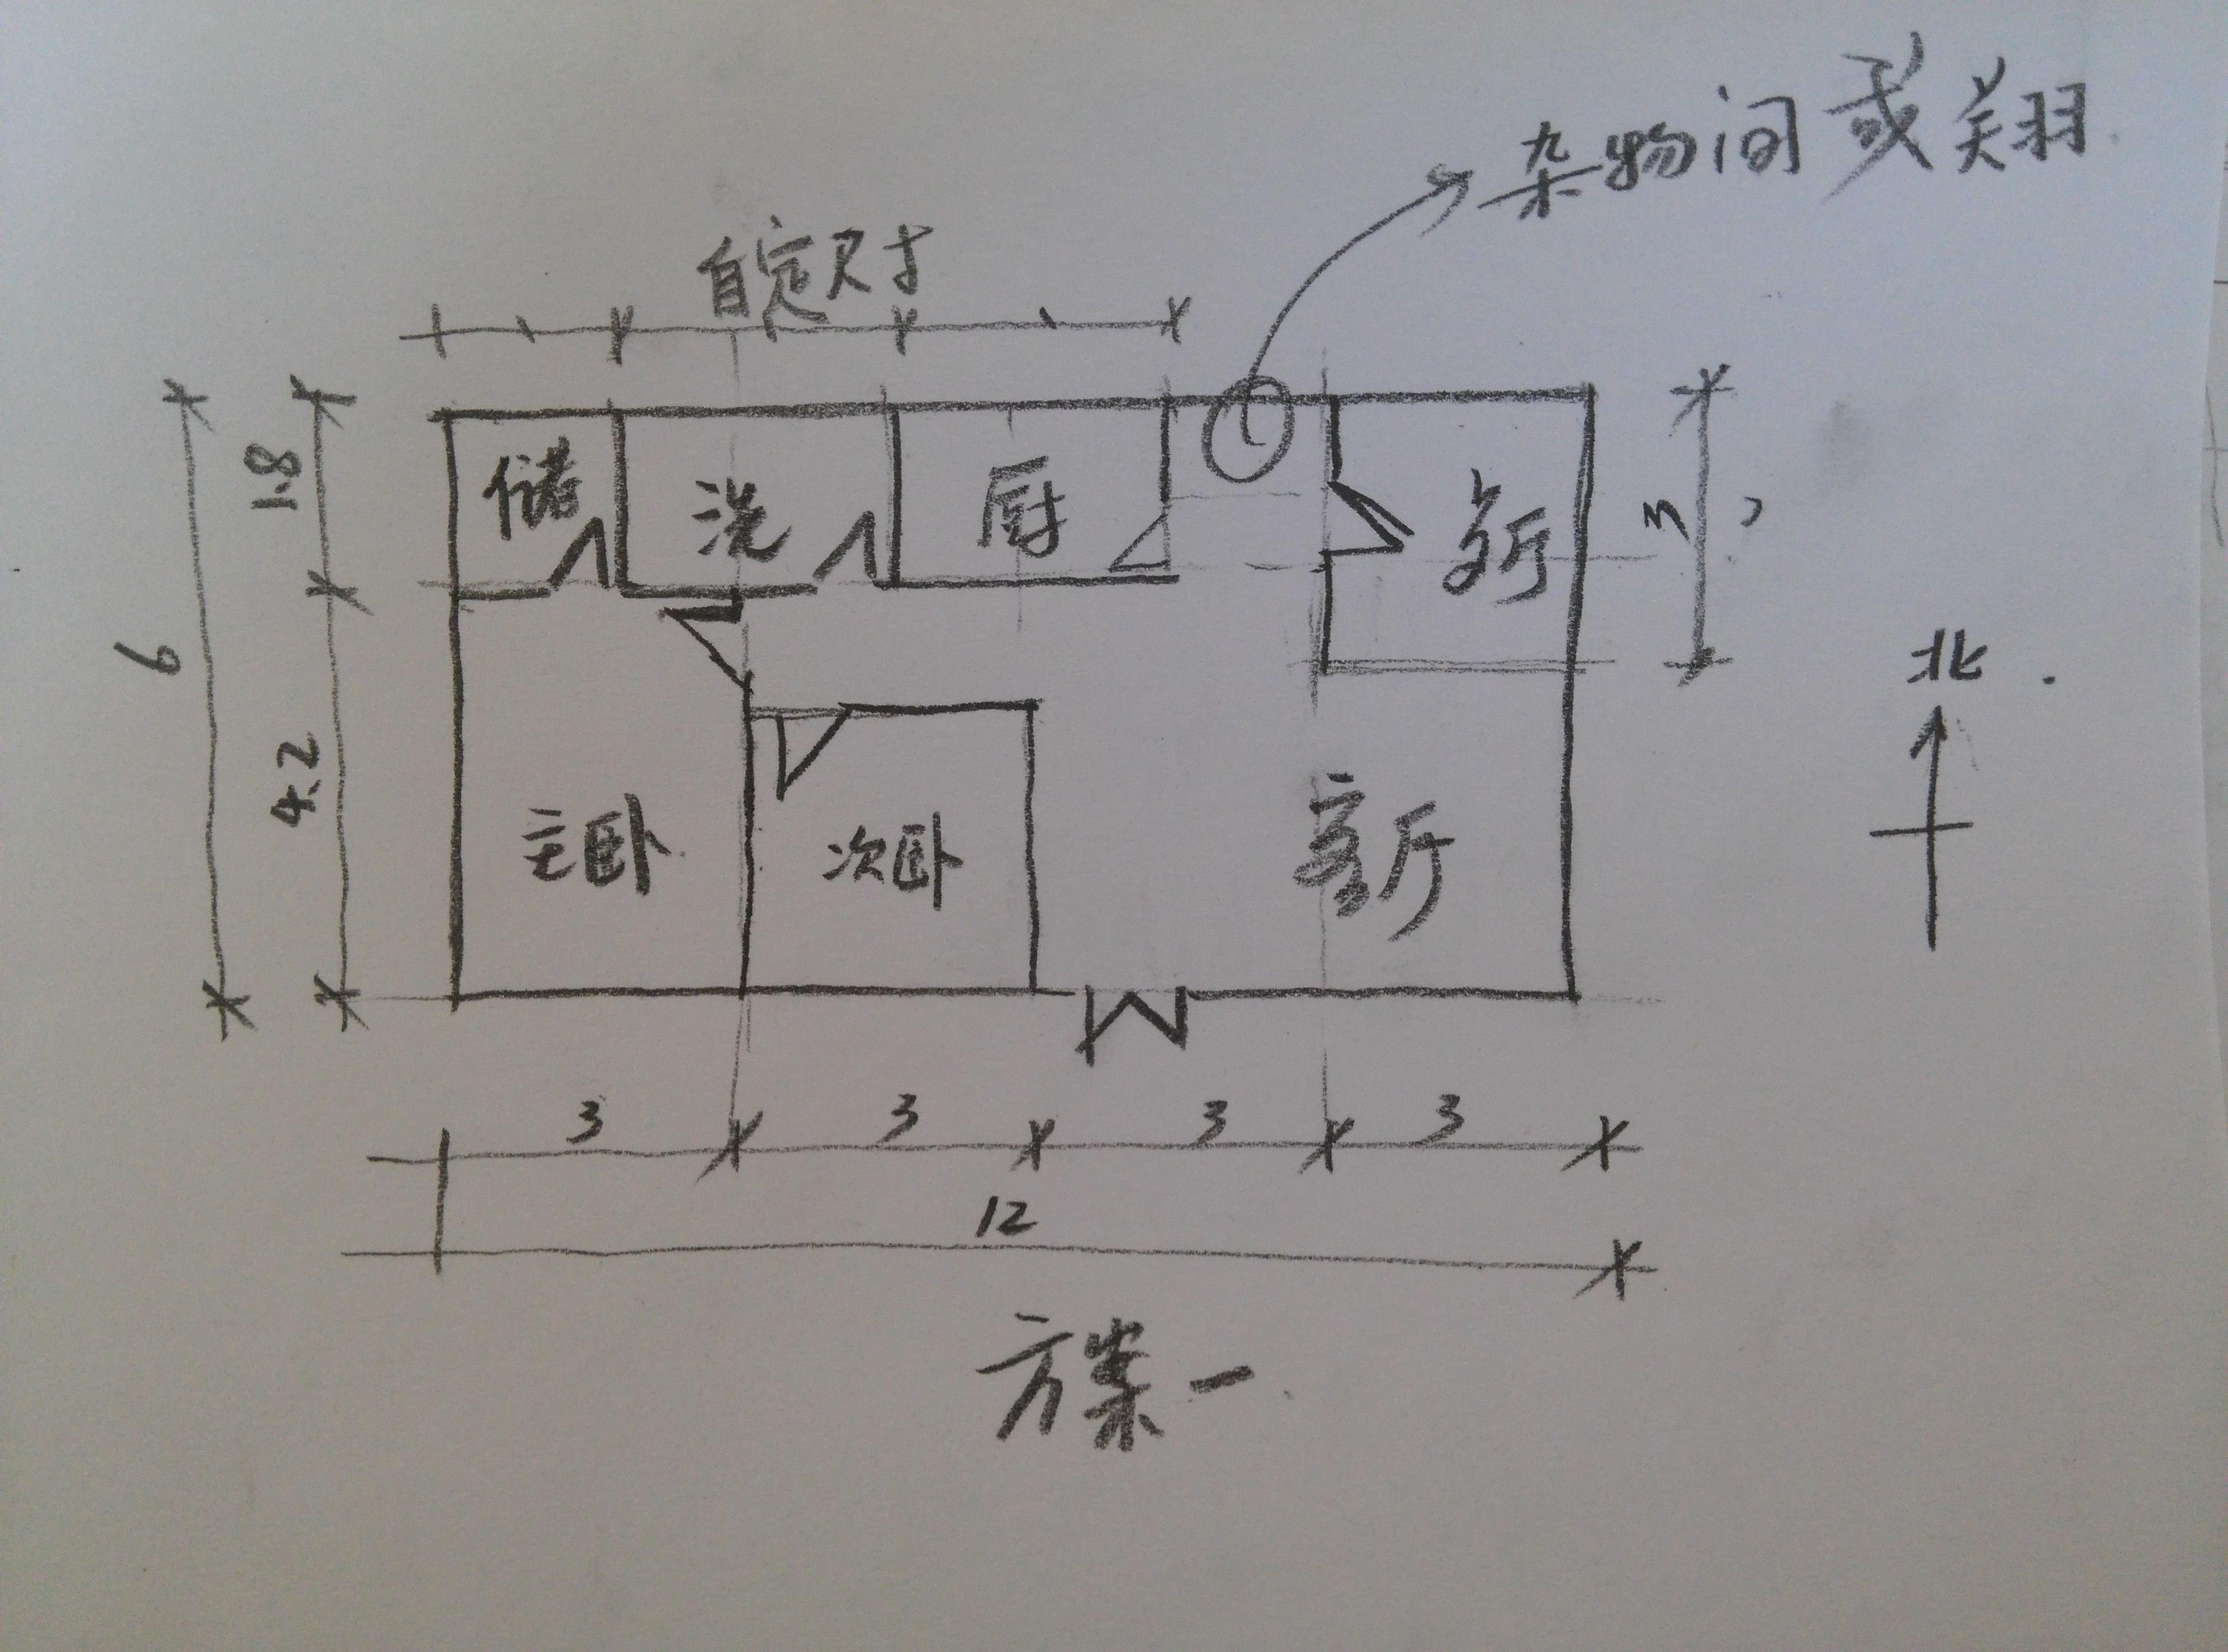 求长12米宽6米农村平房室内建筑六合无绝对车削加工轴程序六合无绝对片